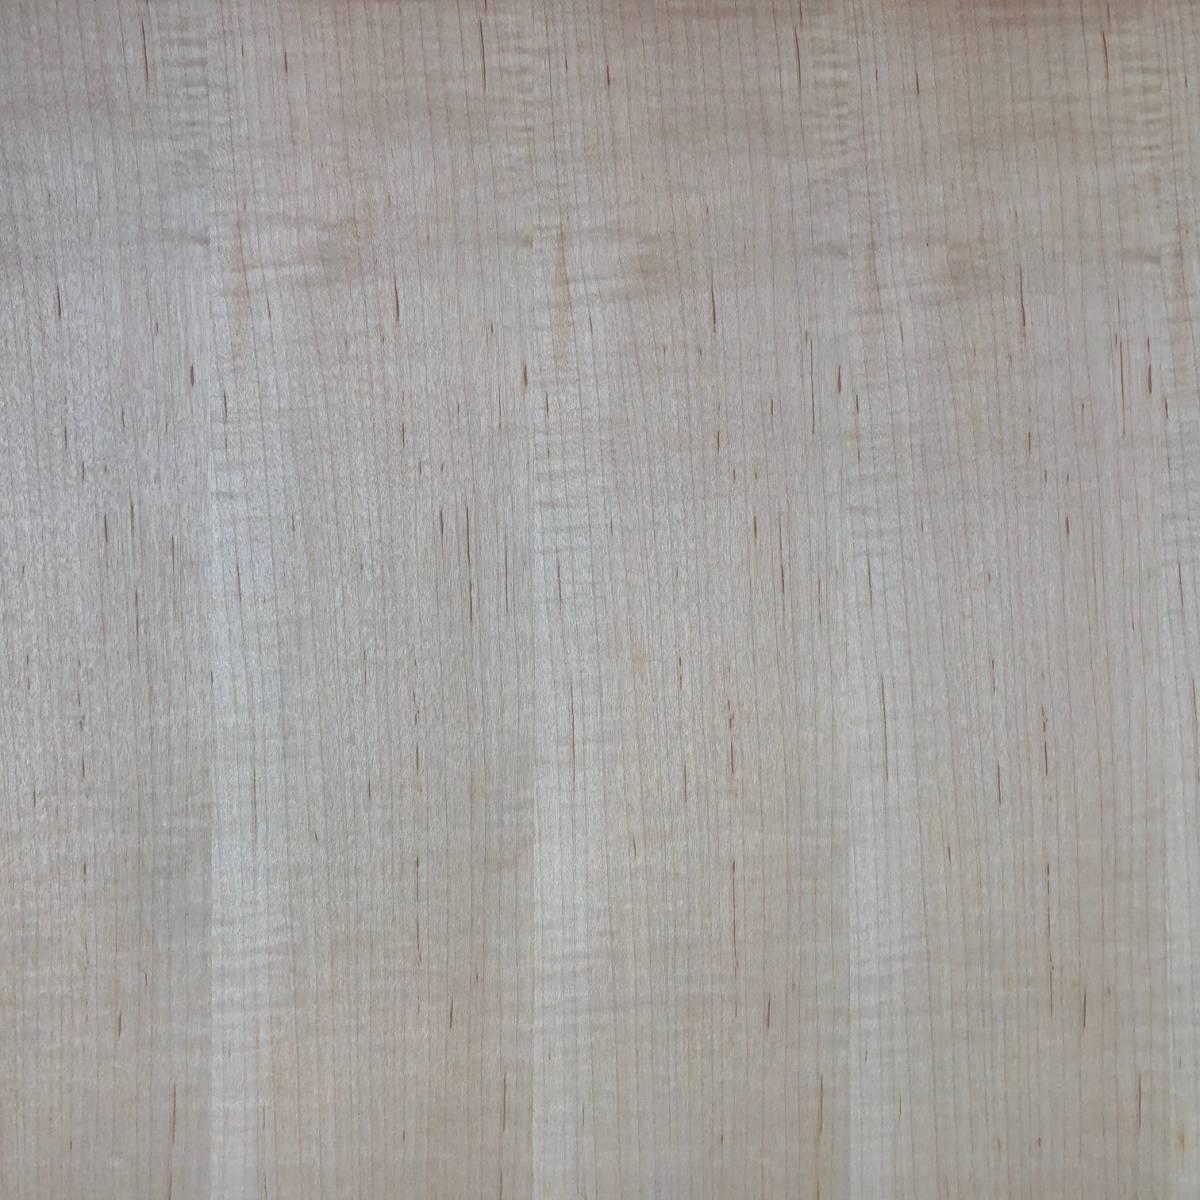 天然木ツキ板化粧合板 突板 ハードメープル 柾目 2.5mm厚 幅約450mm 長さ約800mm 4枚セット DIY 日曜大工 木工 アウトレット_画像4